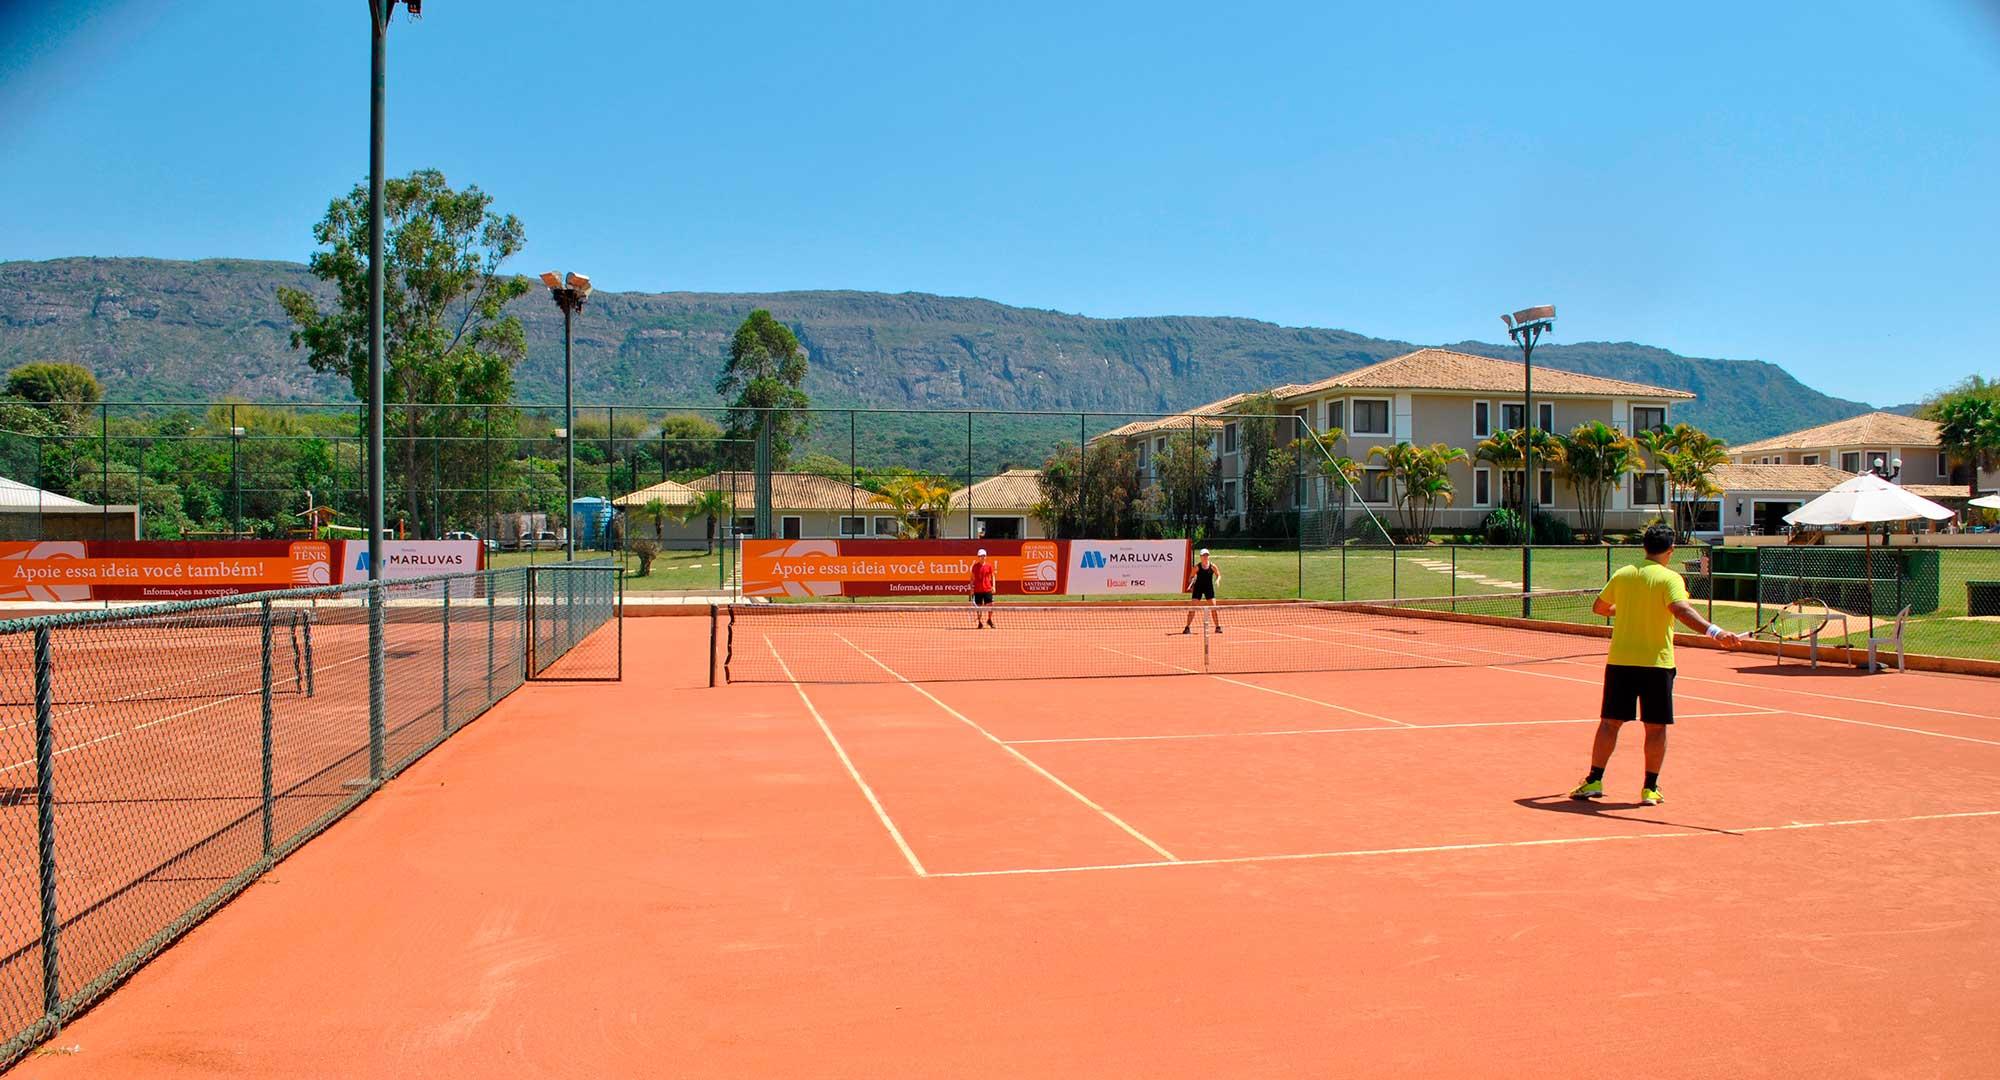 grupos-05-quadra-de-tenis-santissimo-resort_tiradentes_minas-gerais